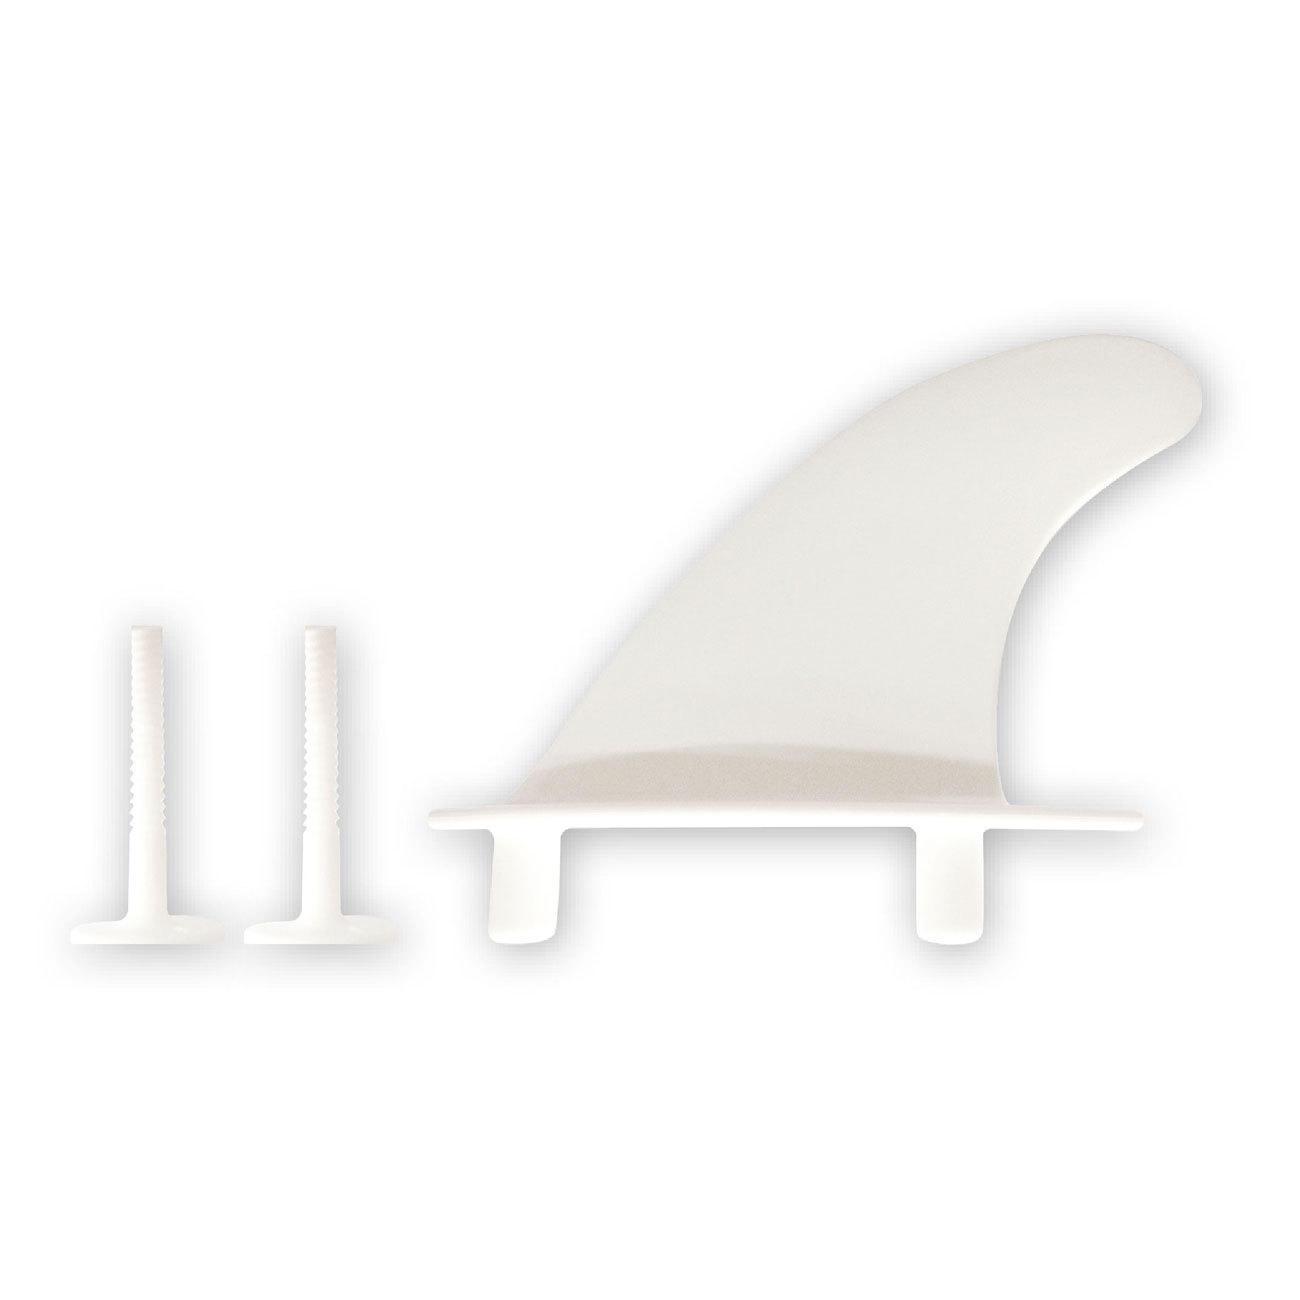 SOFTBOARD FINS - SMALL - BLACK (X2)